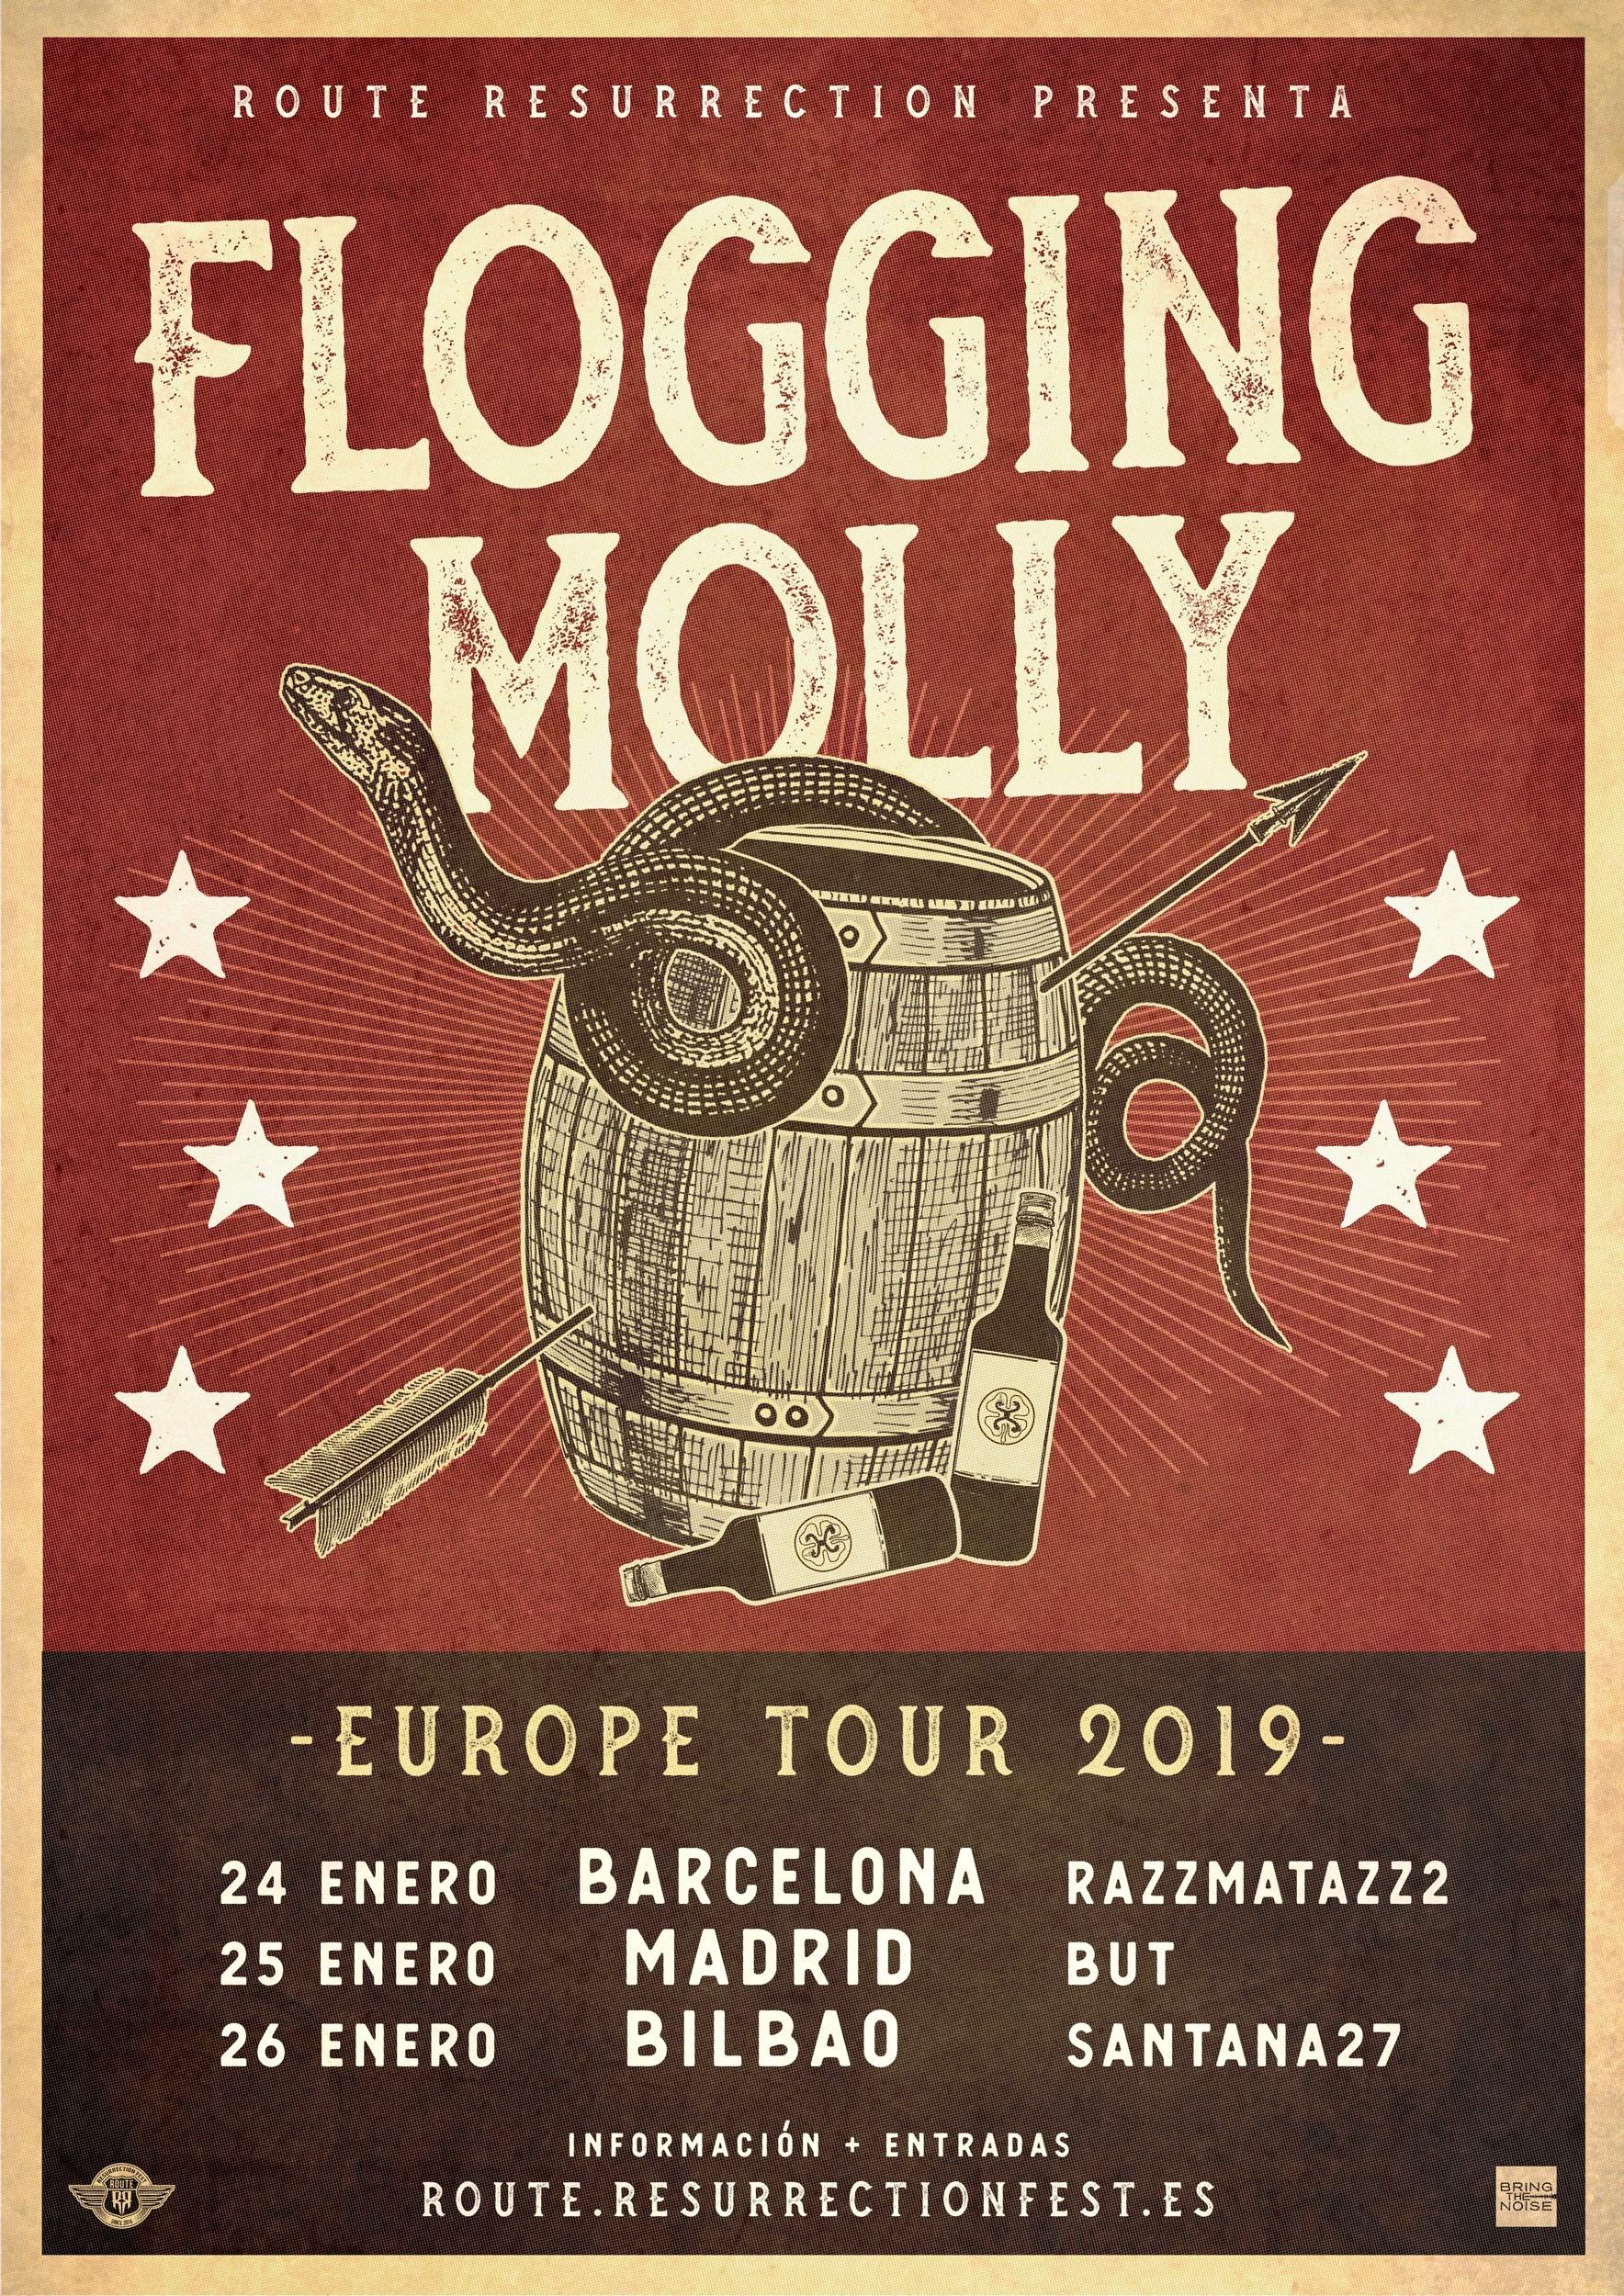 FLOGGING MOLLY Concierto en Sala Razzmatazz Barcelona 24 01 2019